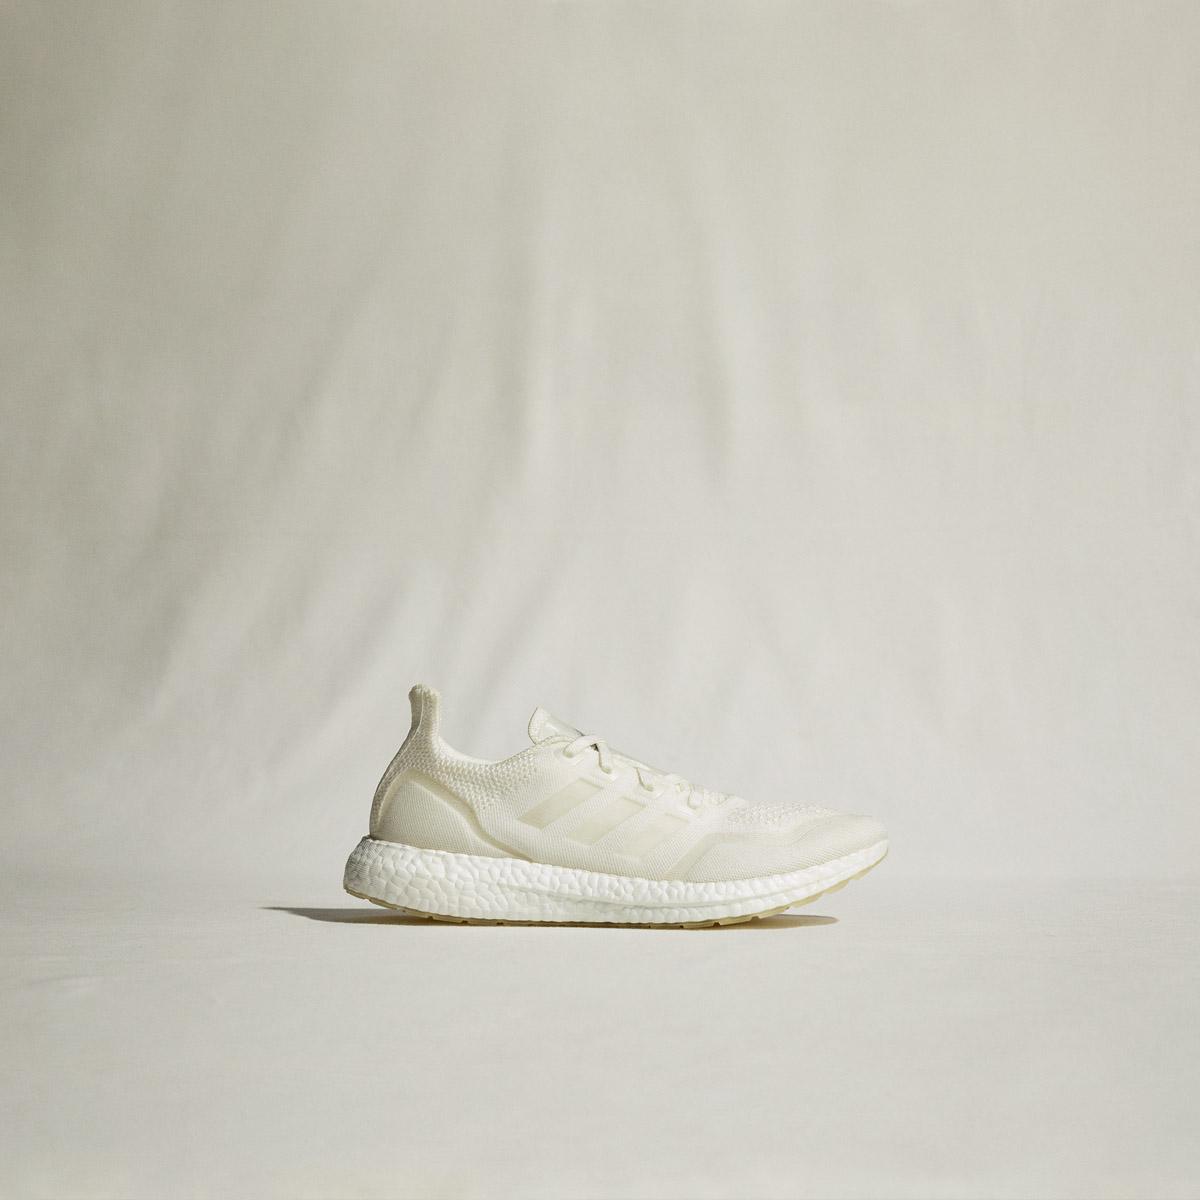 Adidas, l'Ultraboost 21 et la Semaine de la Terre